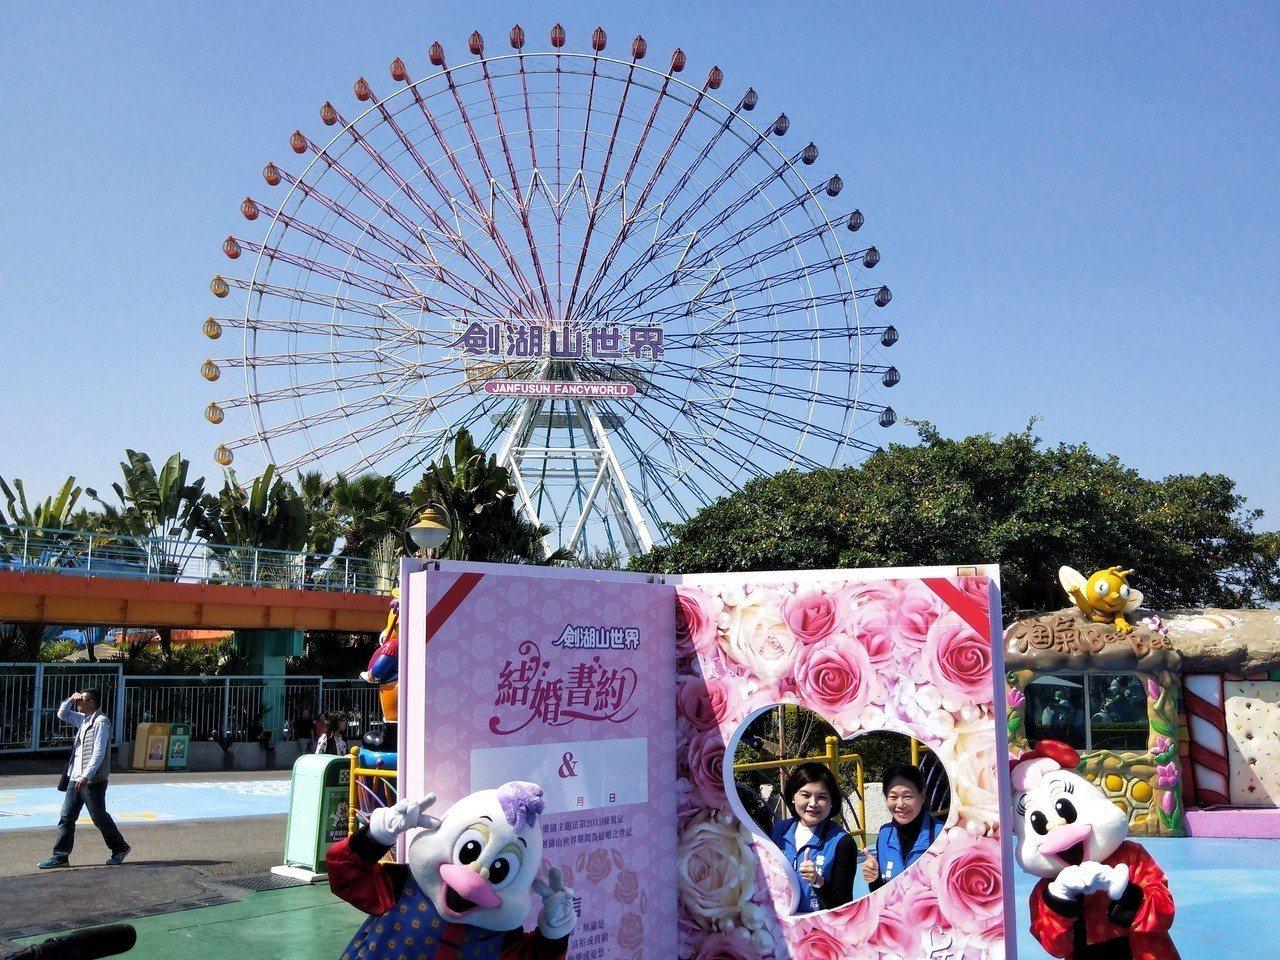 劍湖山設置全台灣最大的結婚證書造景,為情人節留下美好回憶。圖/劍湖山世界提供